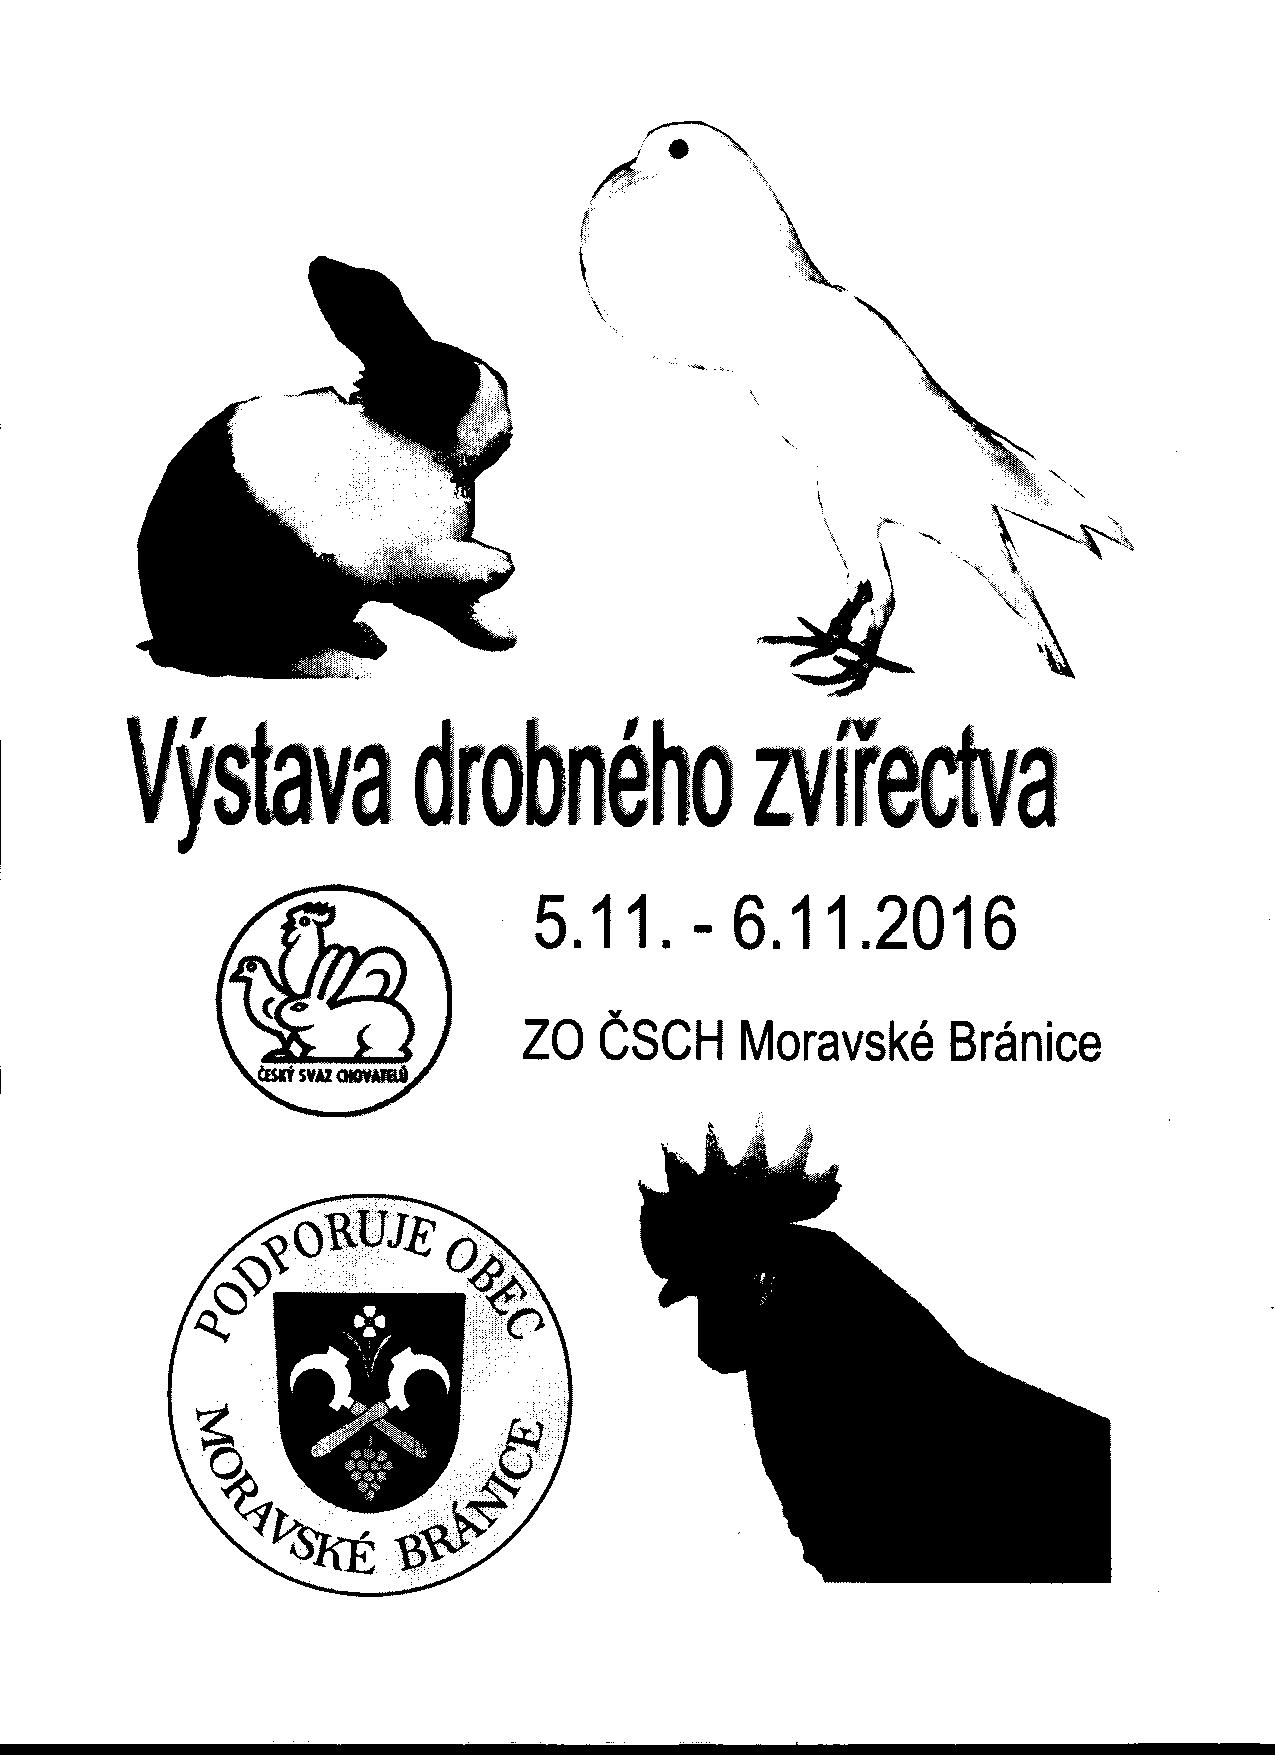 Pujcky online ihned na úcet uhlířské janovice image 6